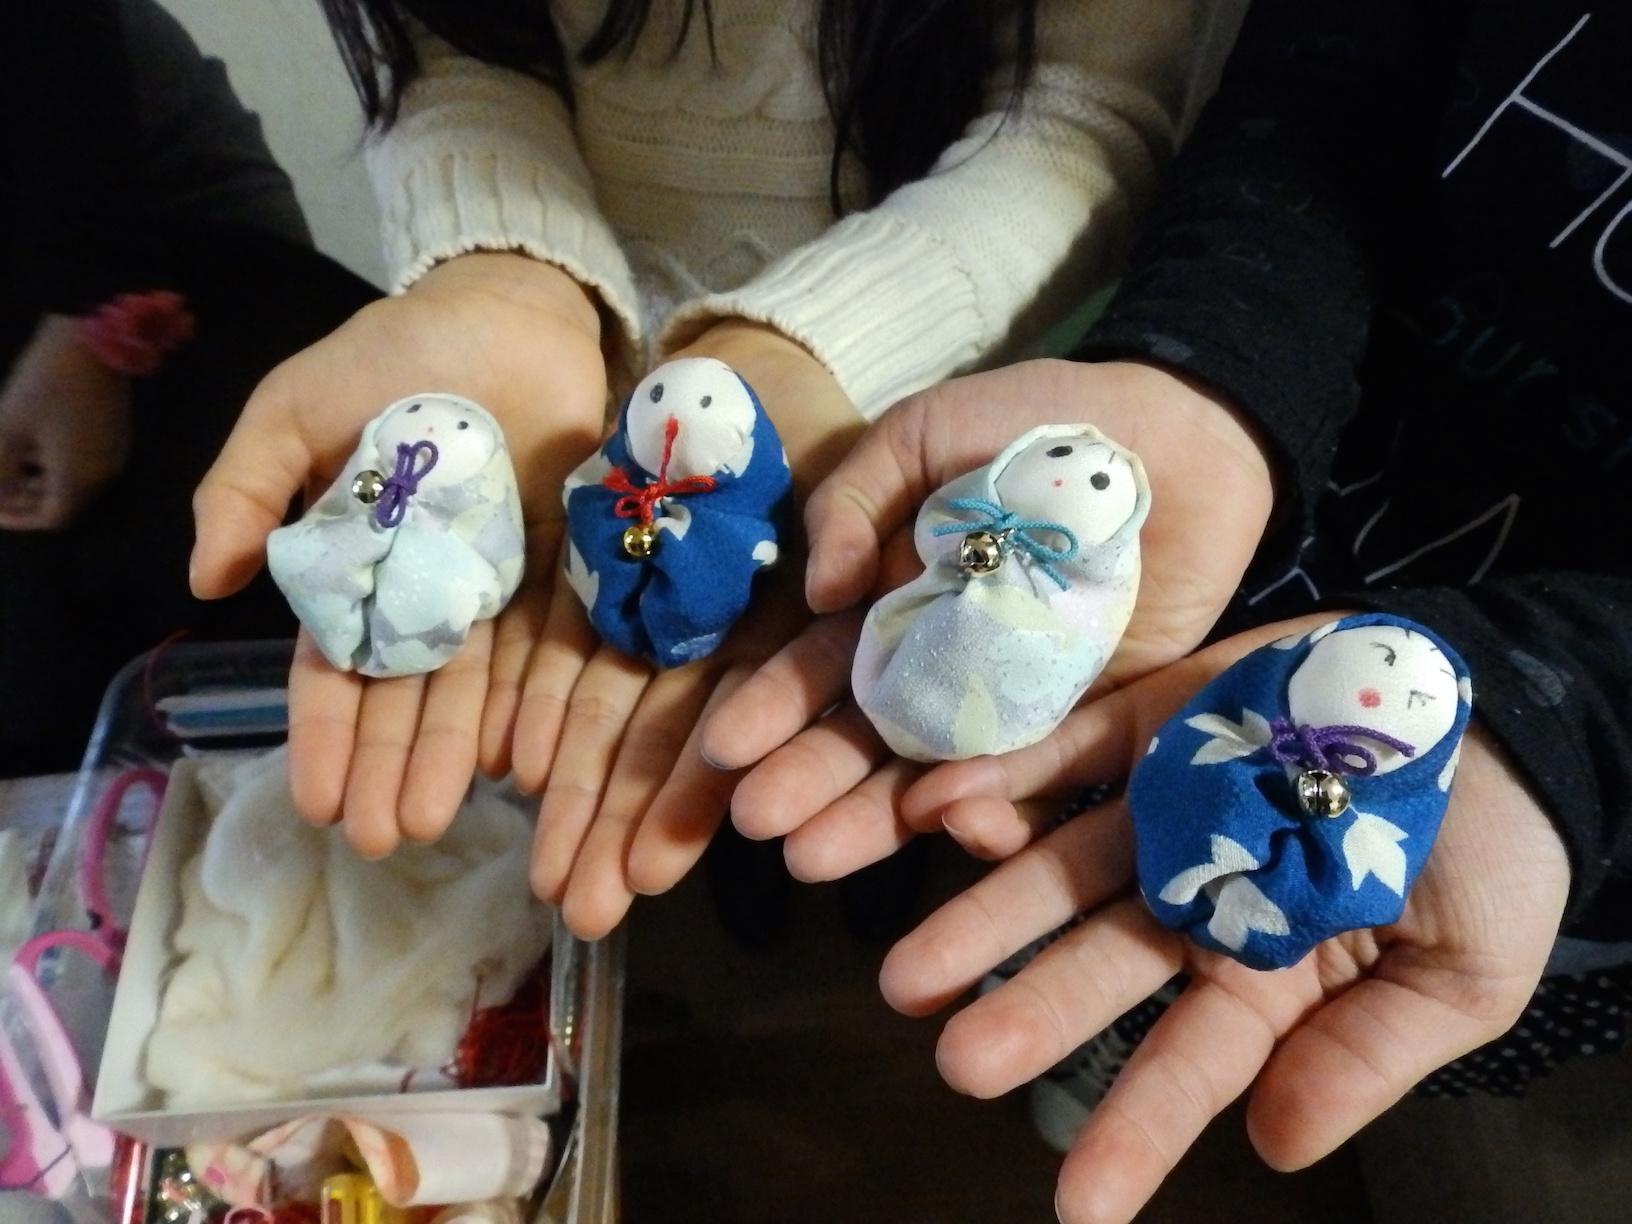 街なか商店塾を体験してみた①「ちりめん細工・お手玉人形作り」(ビューティサロンぼたん@ジョイフル三ノ輪)